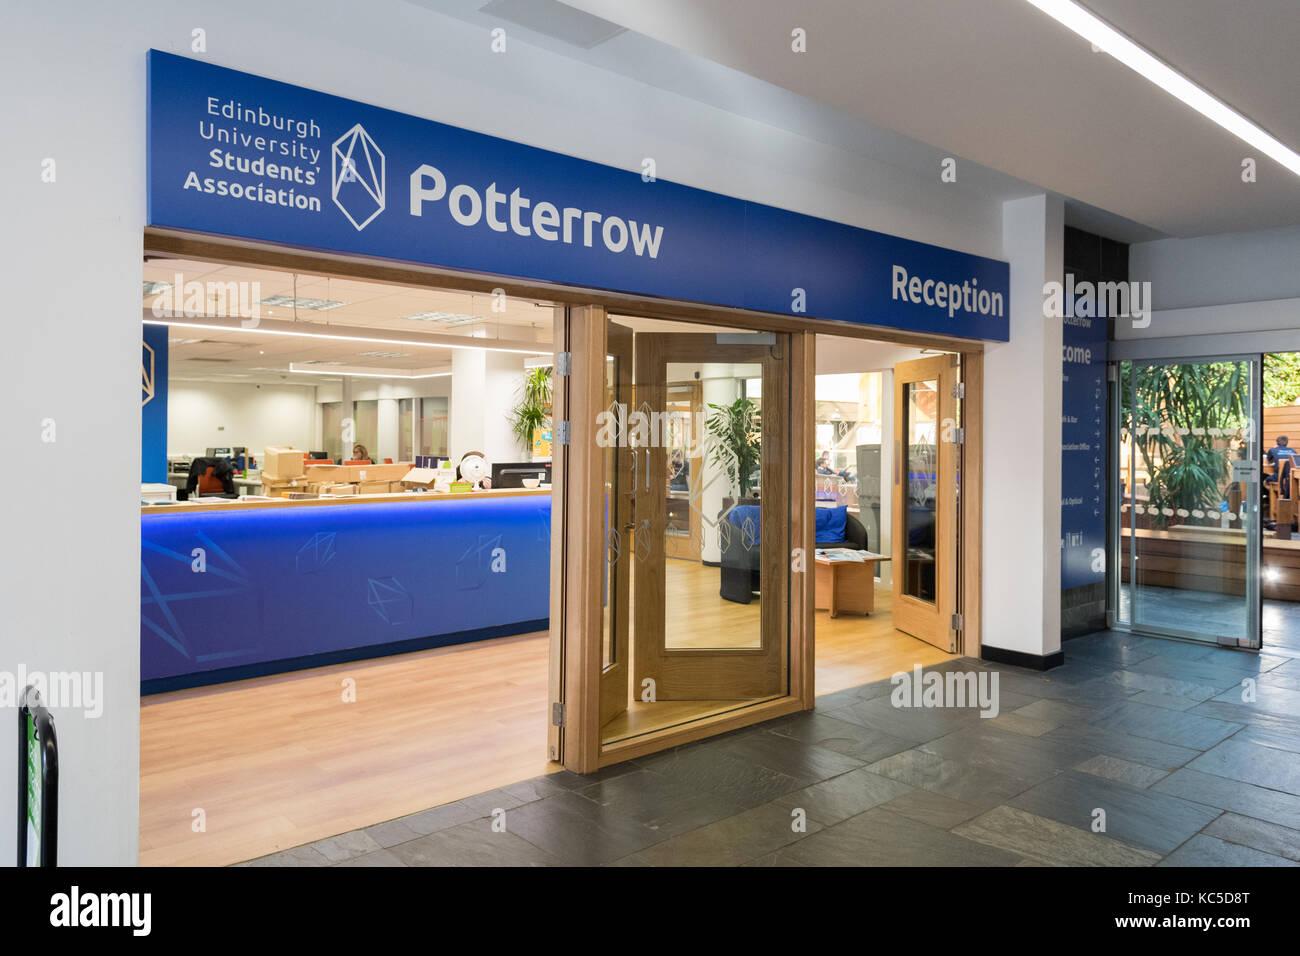 Potterrow - Asociación de Estudiantes de la Universidad de Edimburgo recepción Imagen De Stock